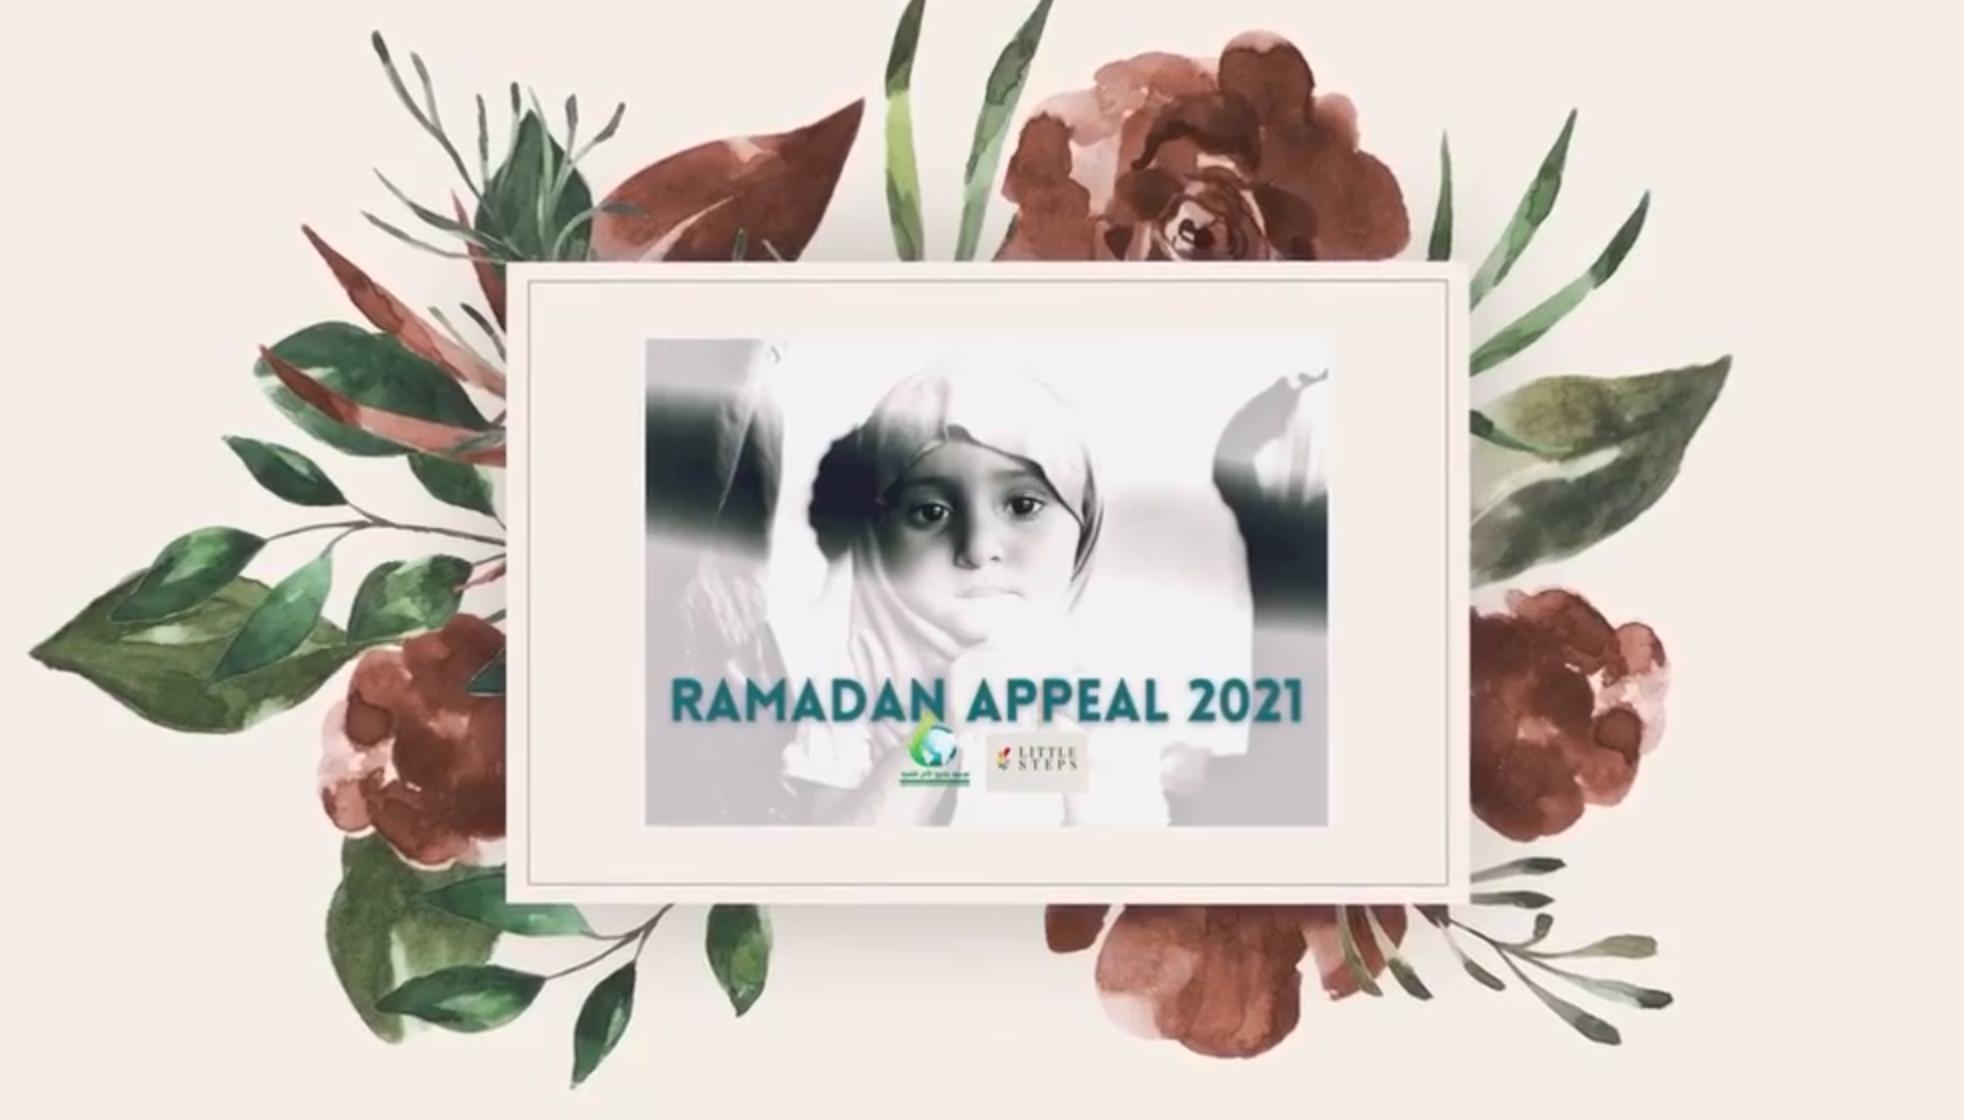 Ramadan Food Aid 2021